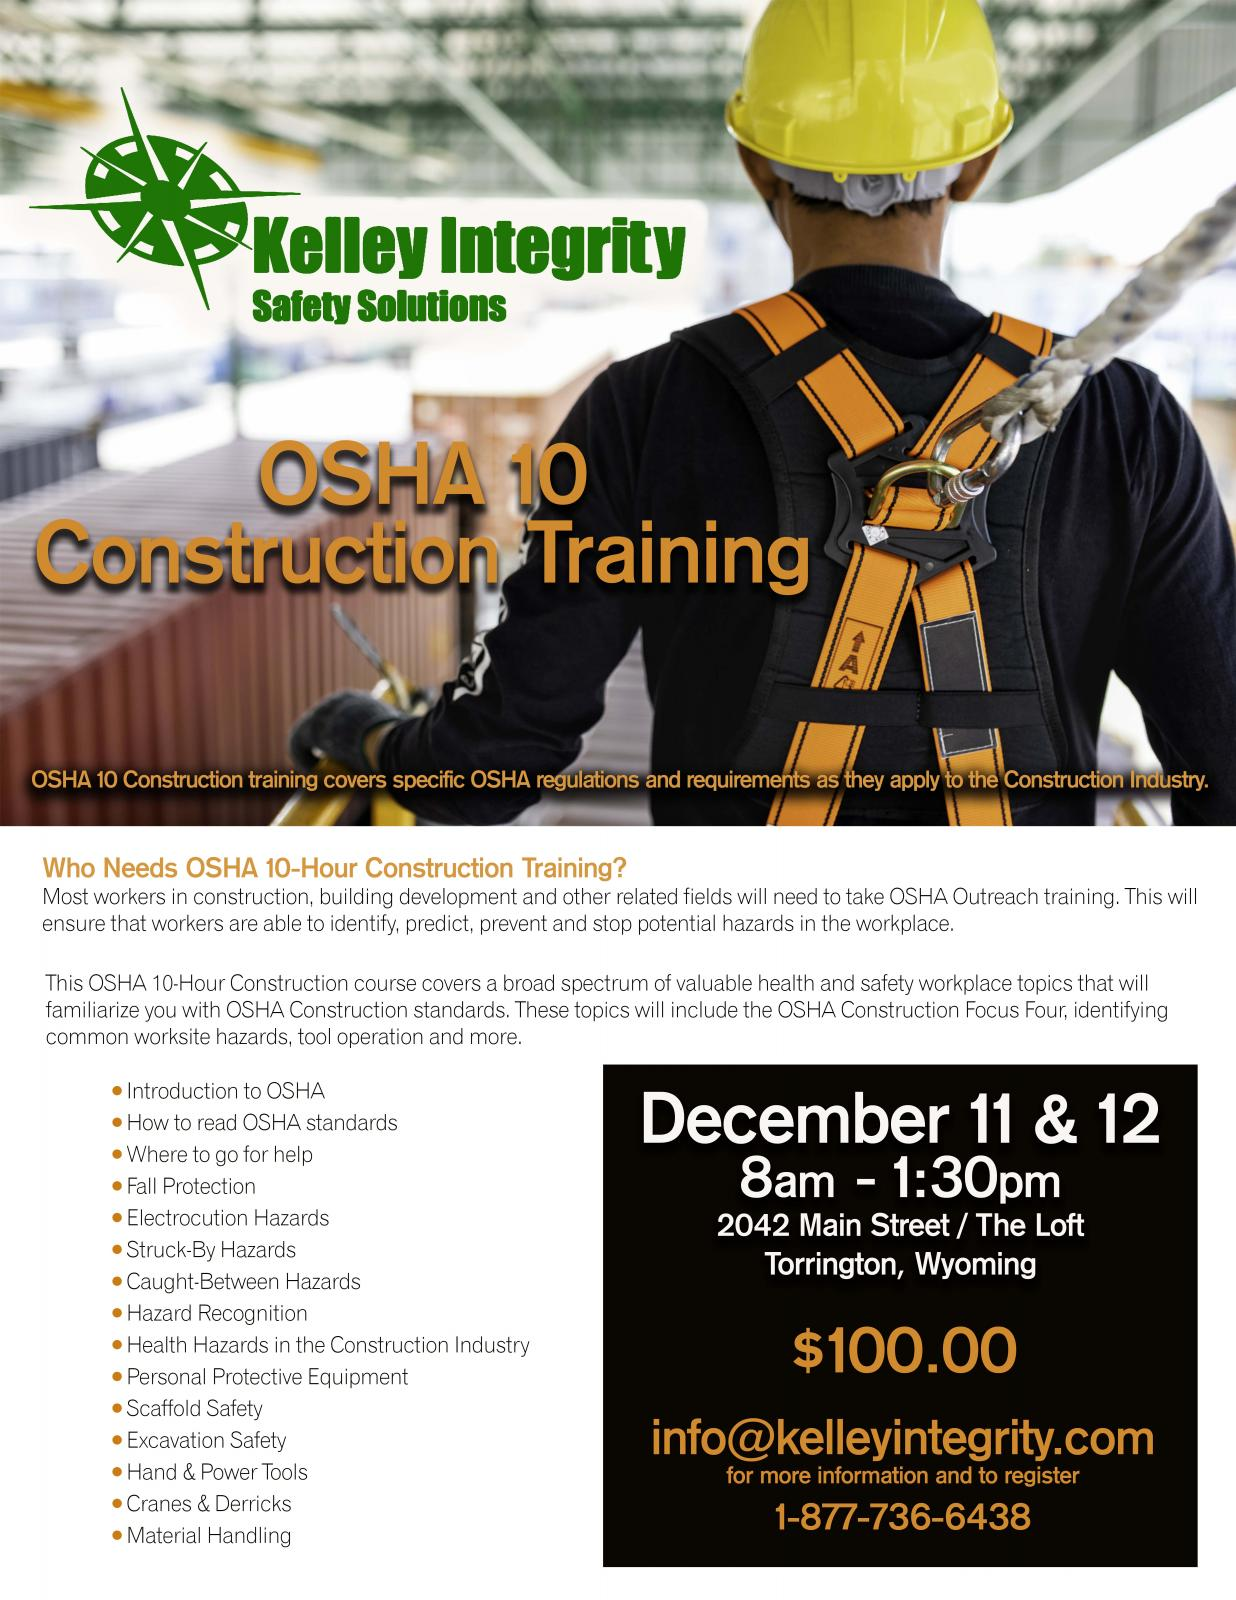 OSHA 10 Construction Training Photo